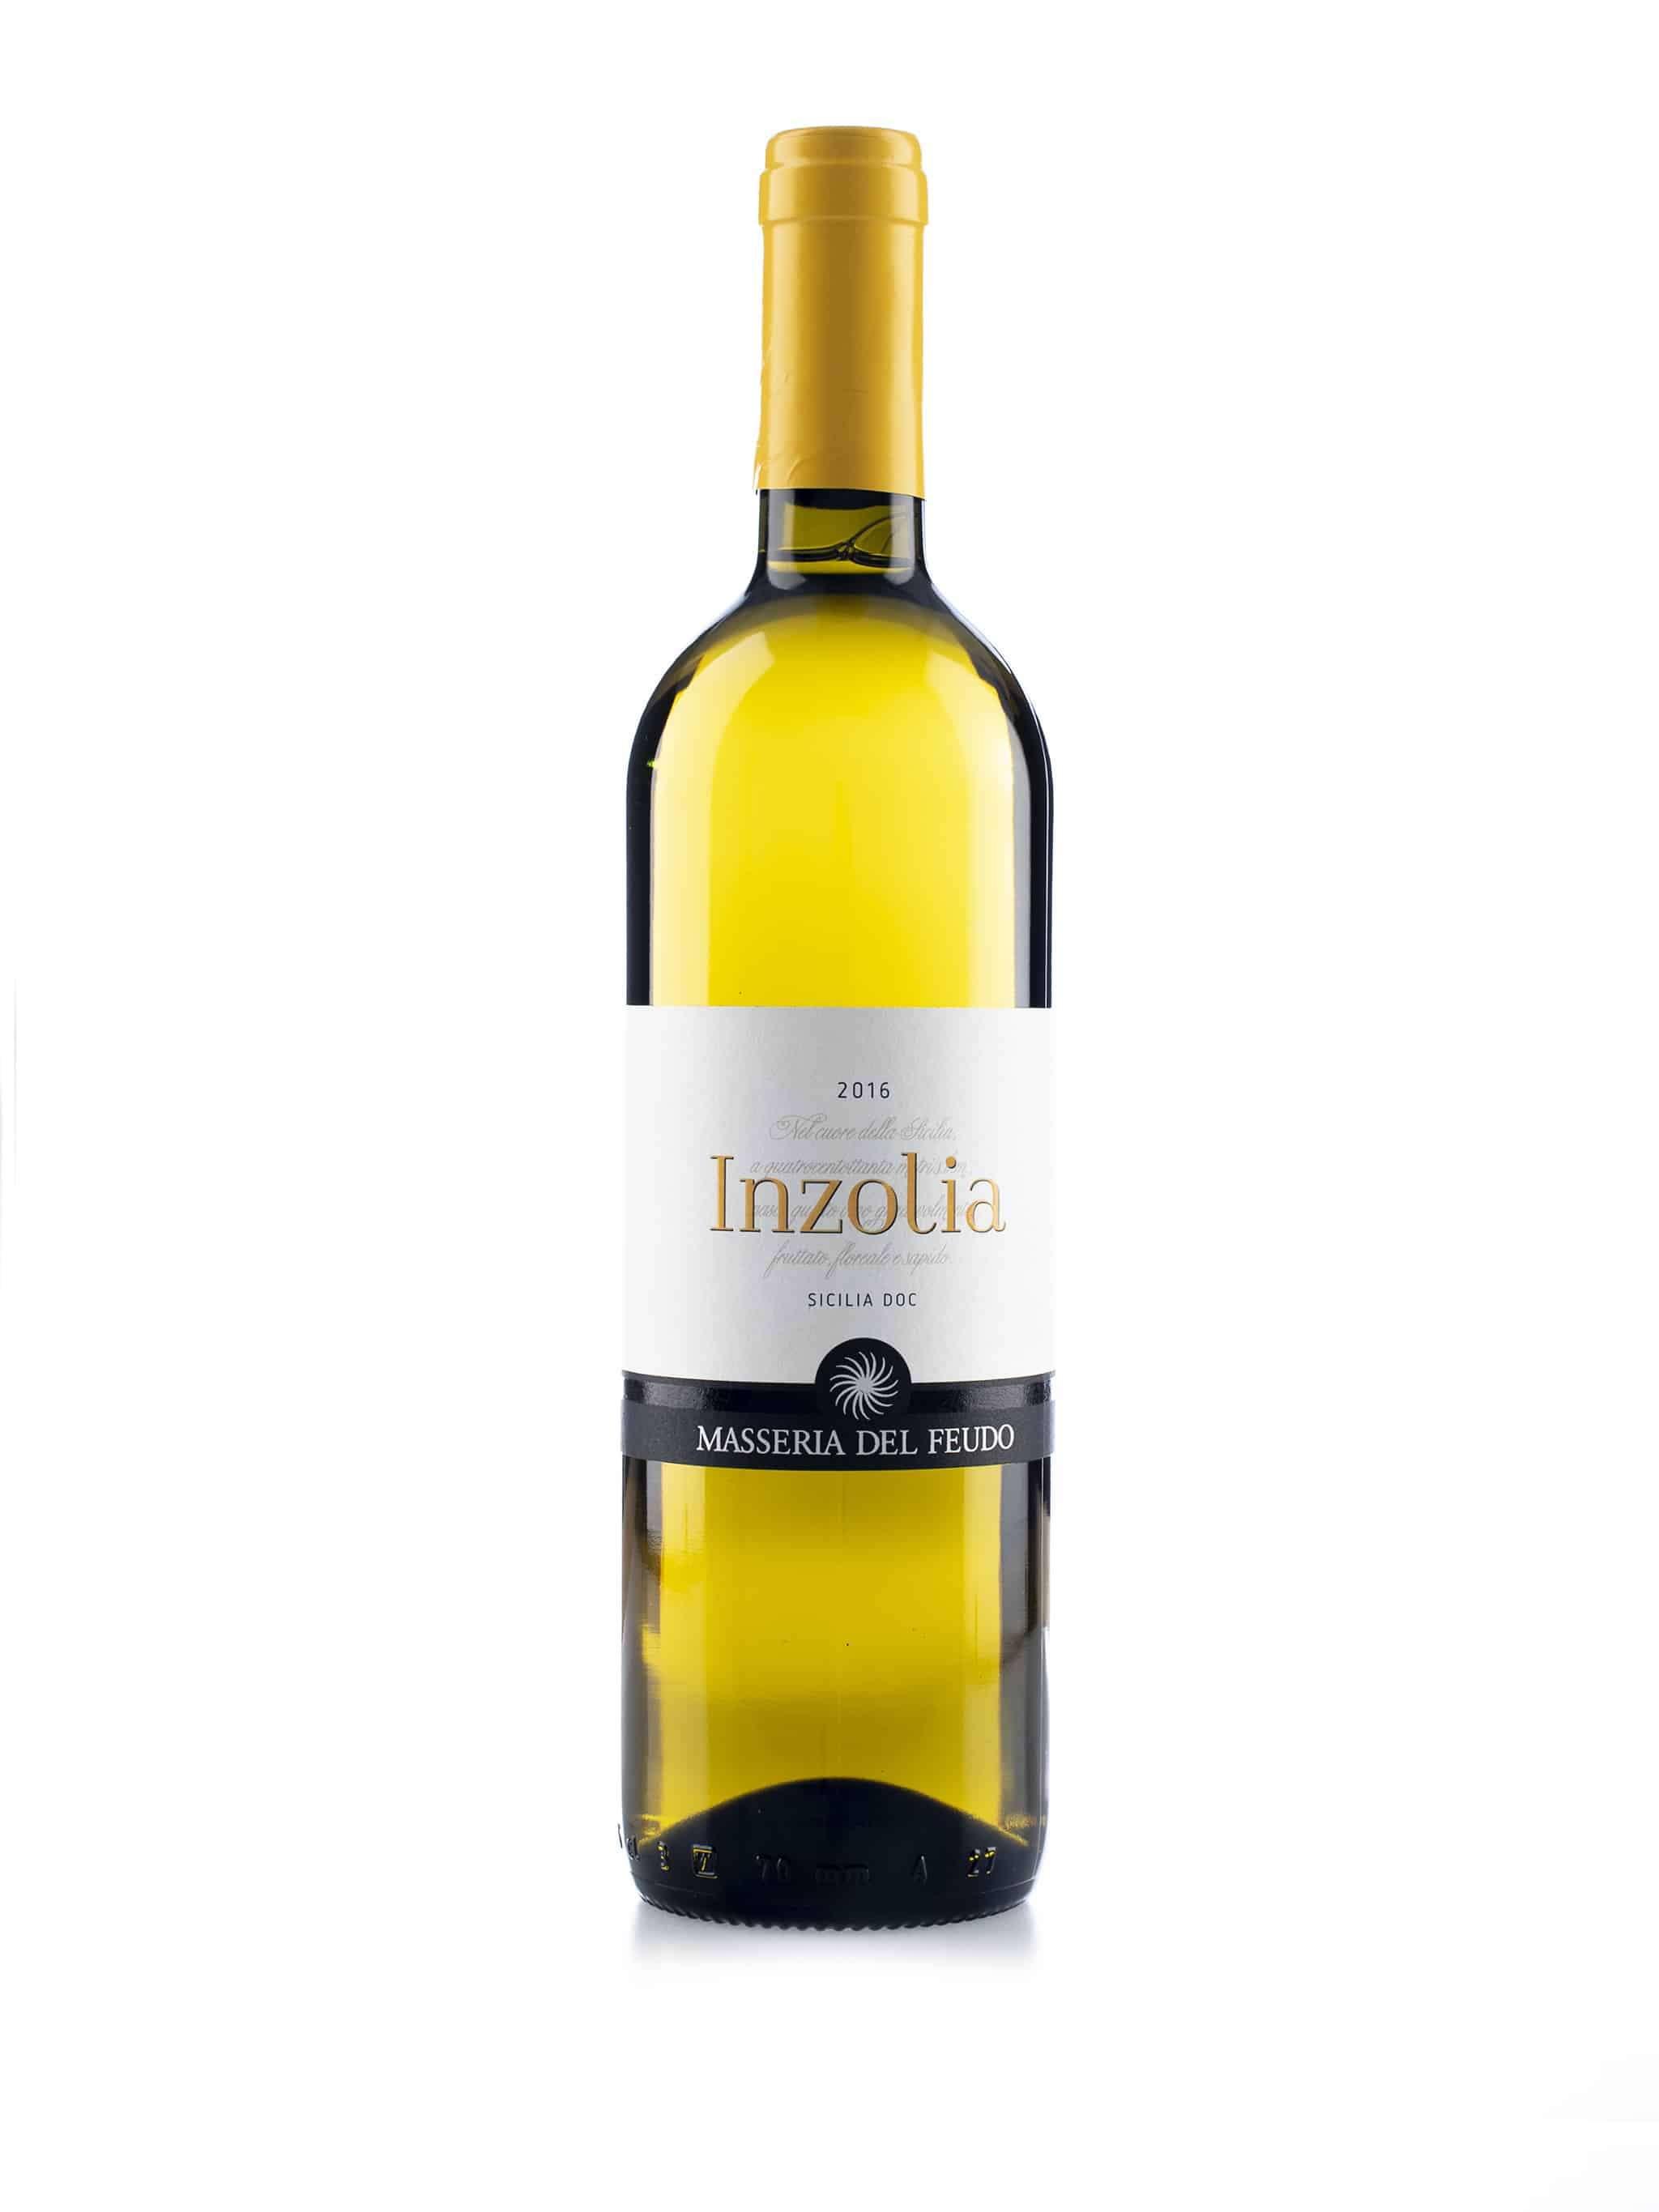 Italiaanse witte wijn van wijndomein Masseria del Fuedo: Inzolia